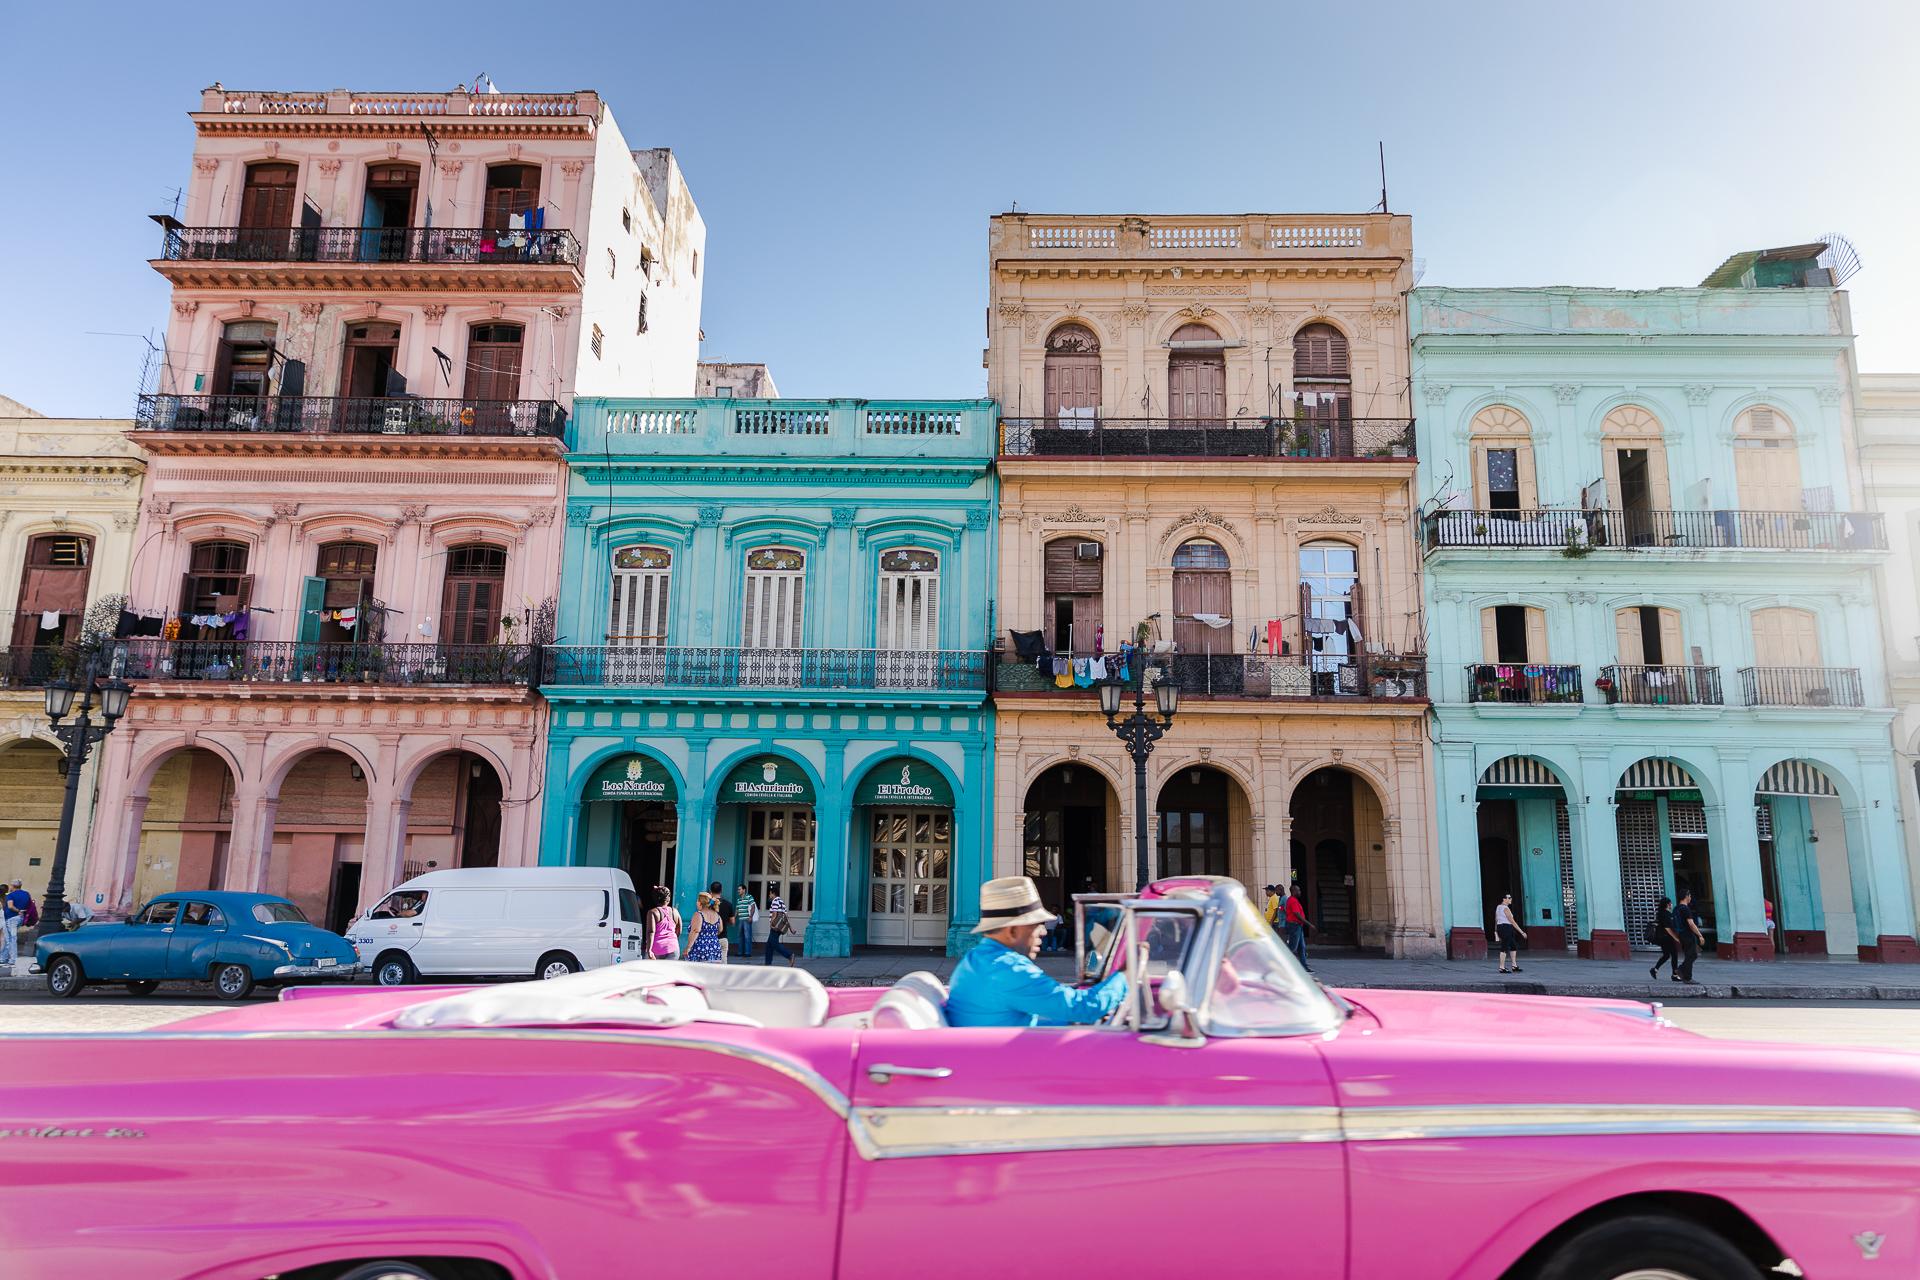 Tipps für bessere Reisefotos Reisefotografie Oldtimer in Havanna vor dem Kongress in Kuba Urlaub Rundreise